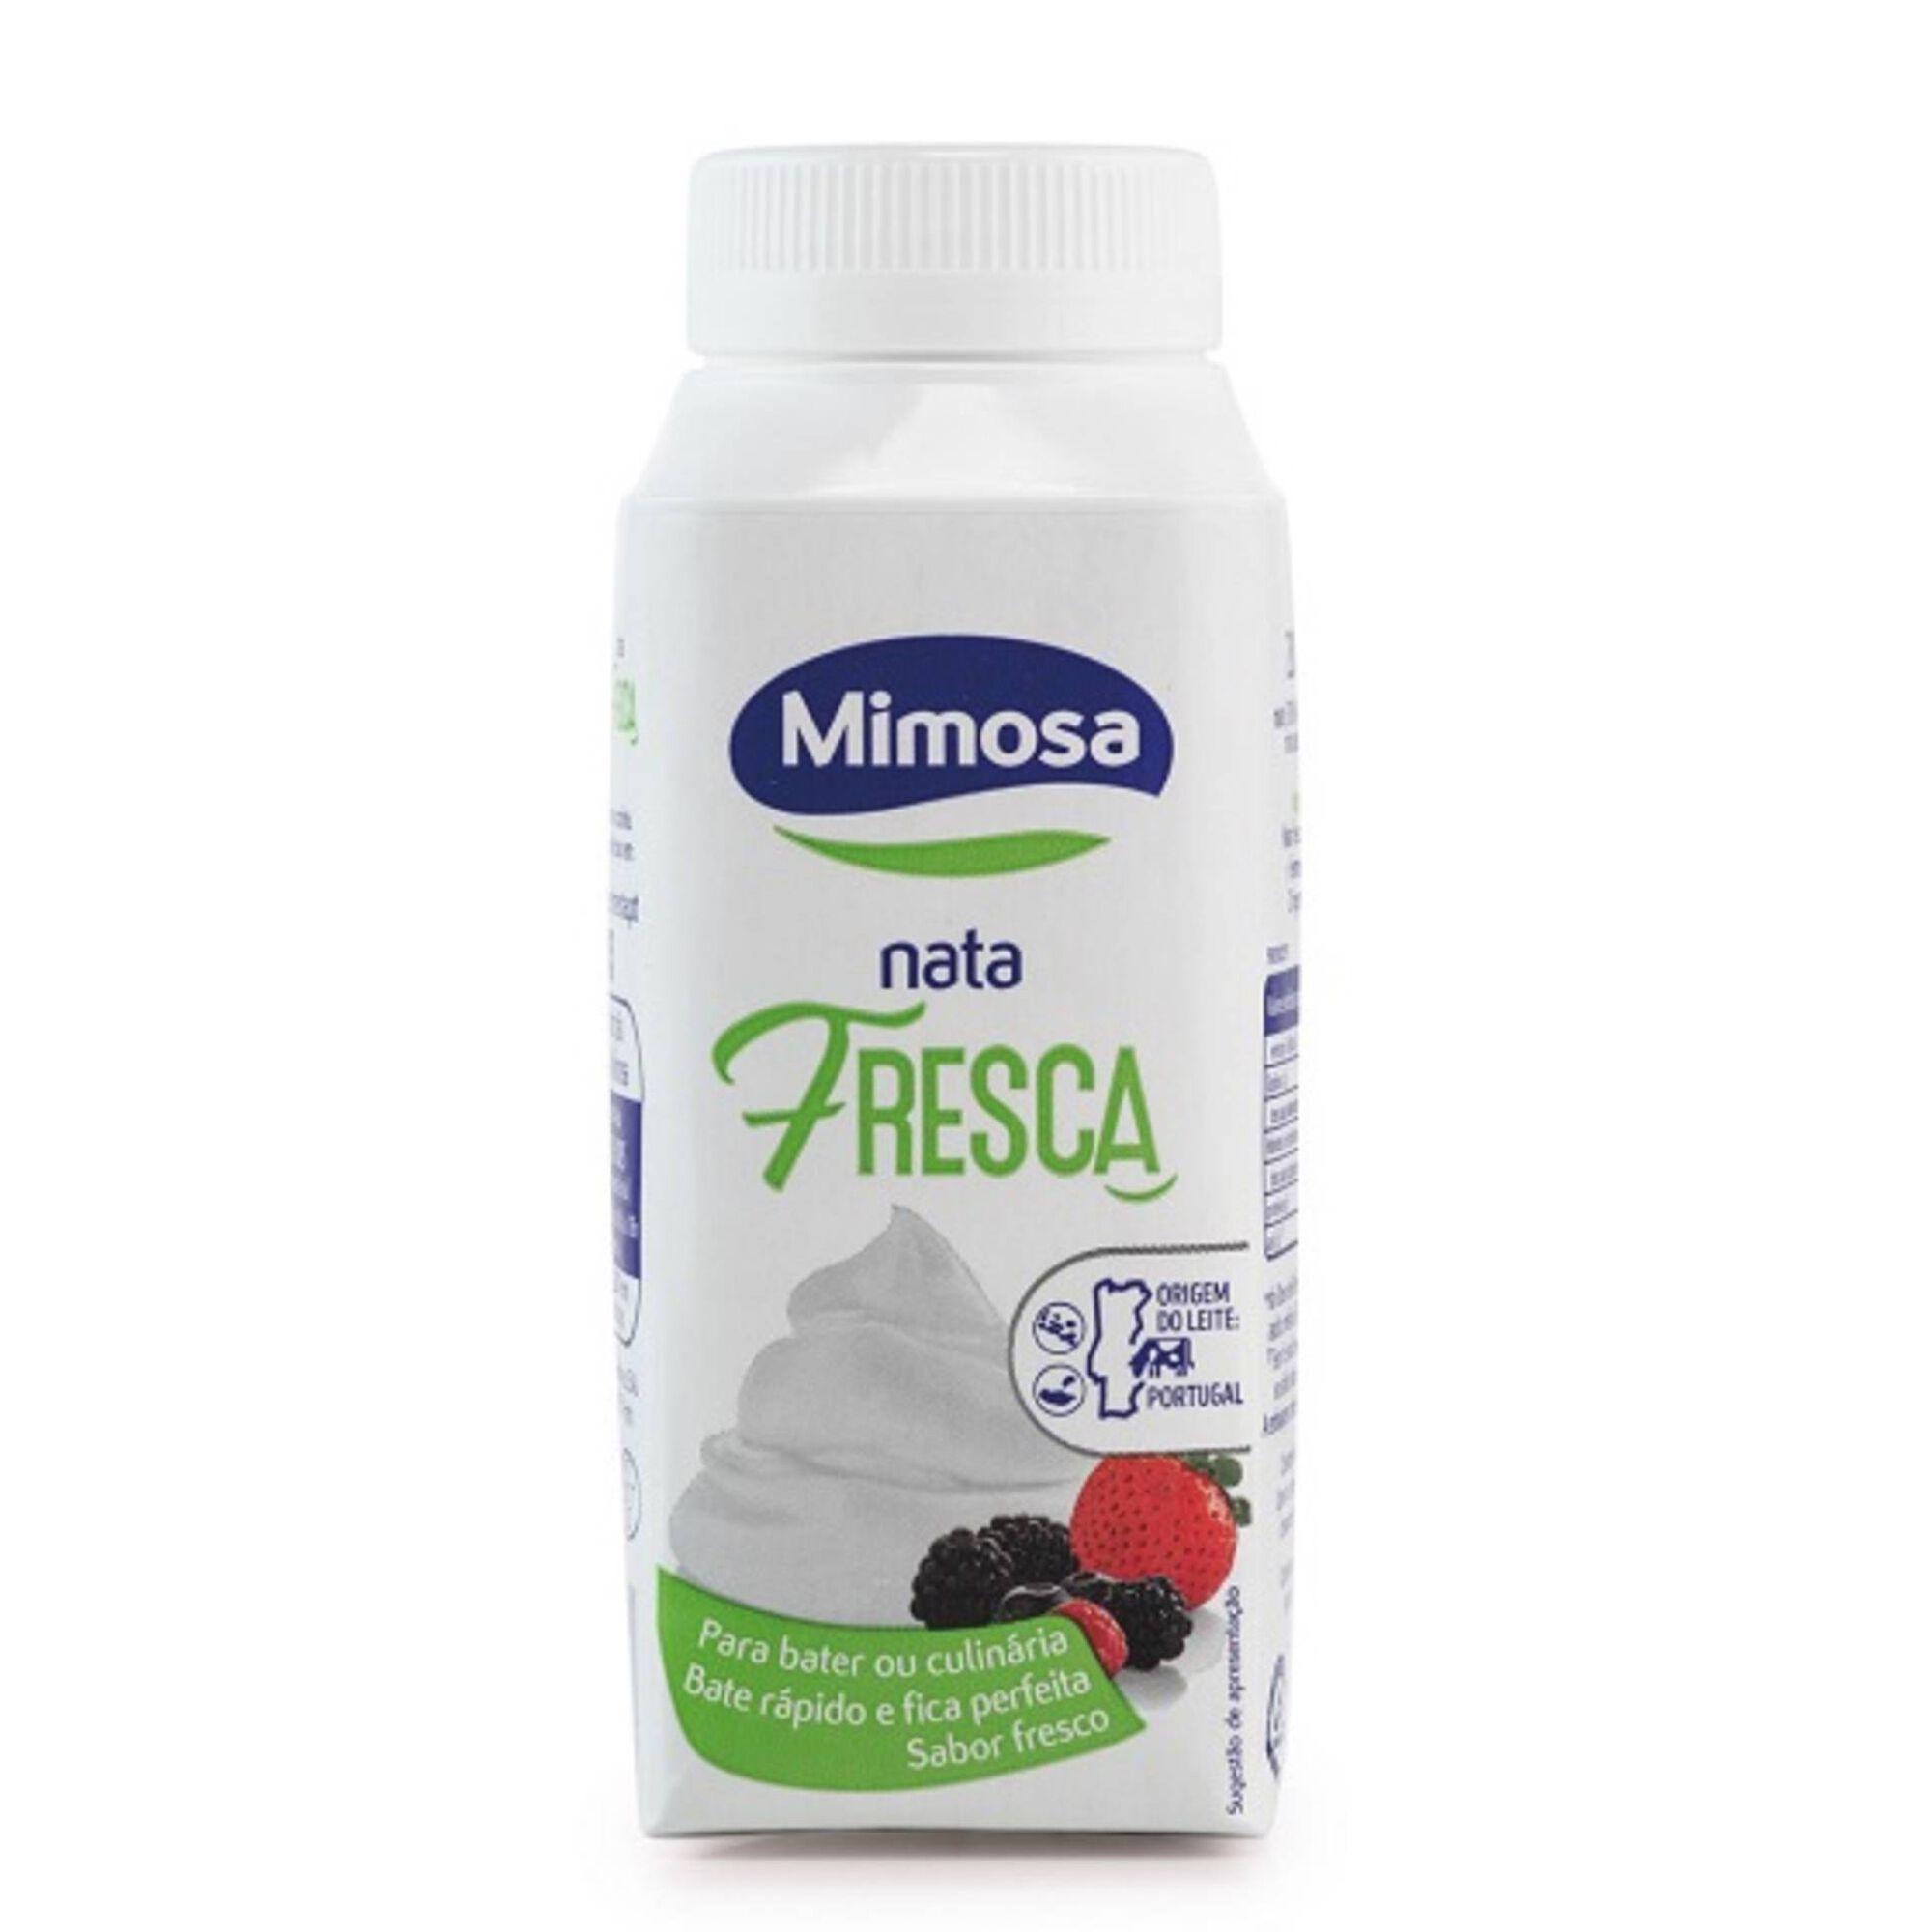 Natas Frescas